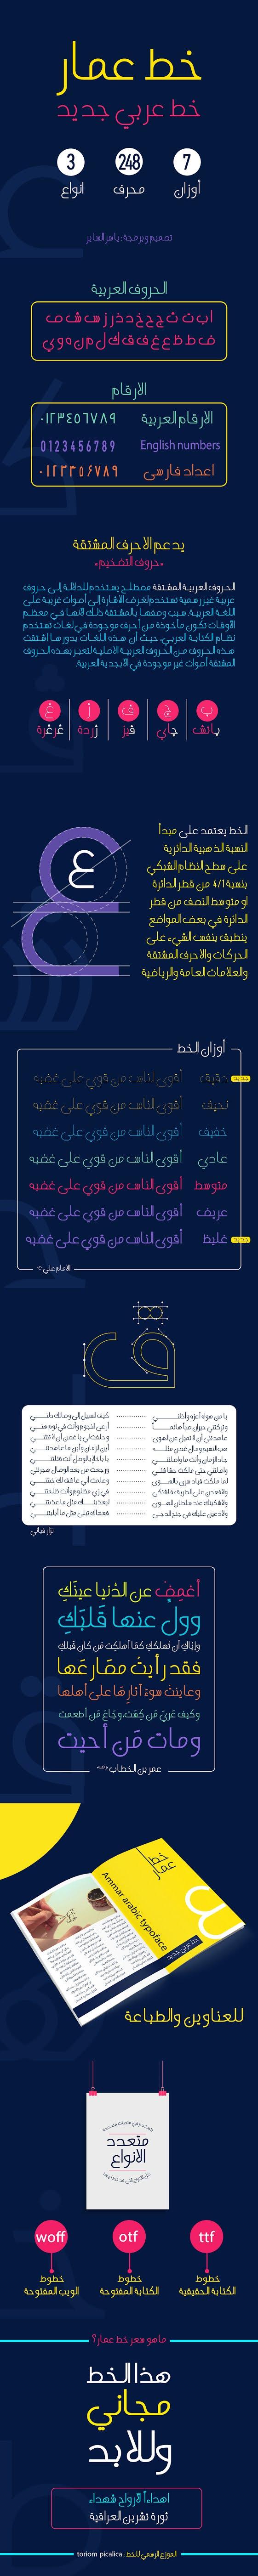 تحميل خط عمار - 5 أوزان مختلفة أفضل الخطوط  العربية لتصميم